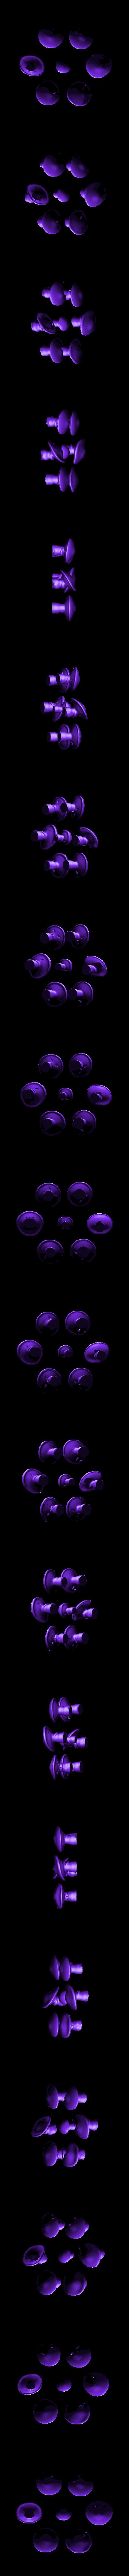 Fantasia_Mushrooms.stl Download free STL file Fantasia - Mushrooms • Design to 3D print, mag-net